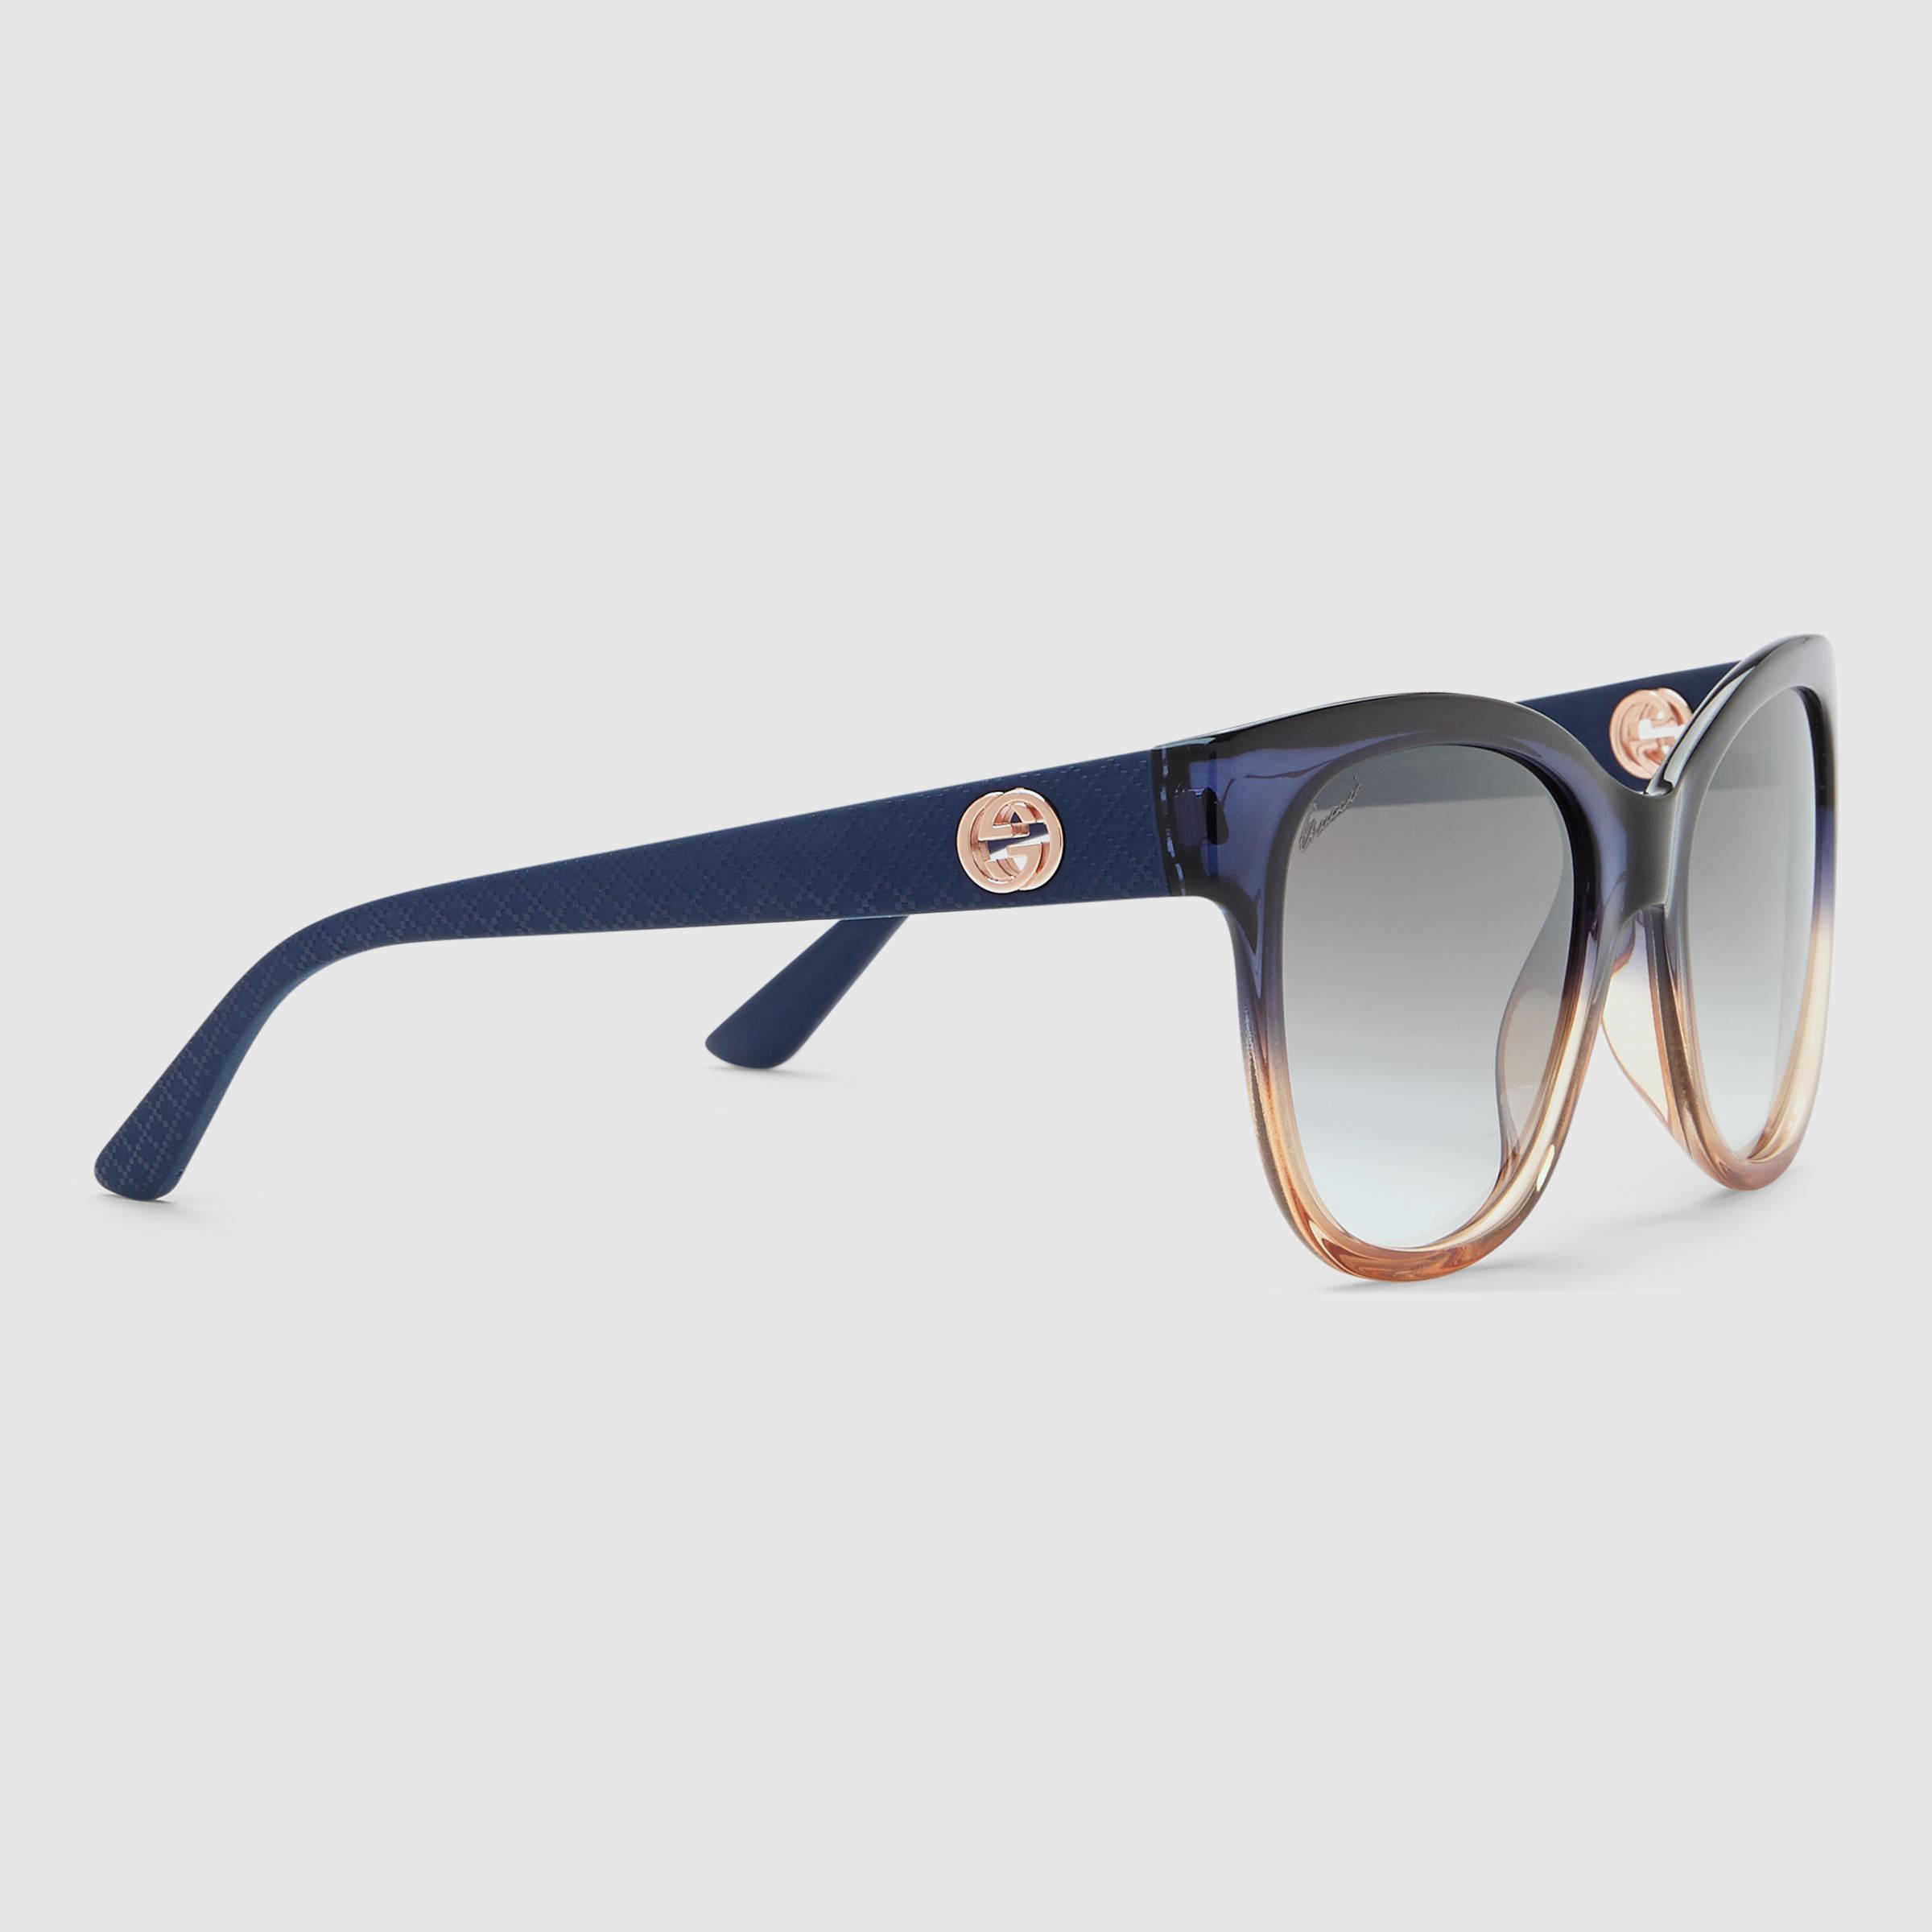 6a5f86758564b Gucci Blue Frames